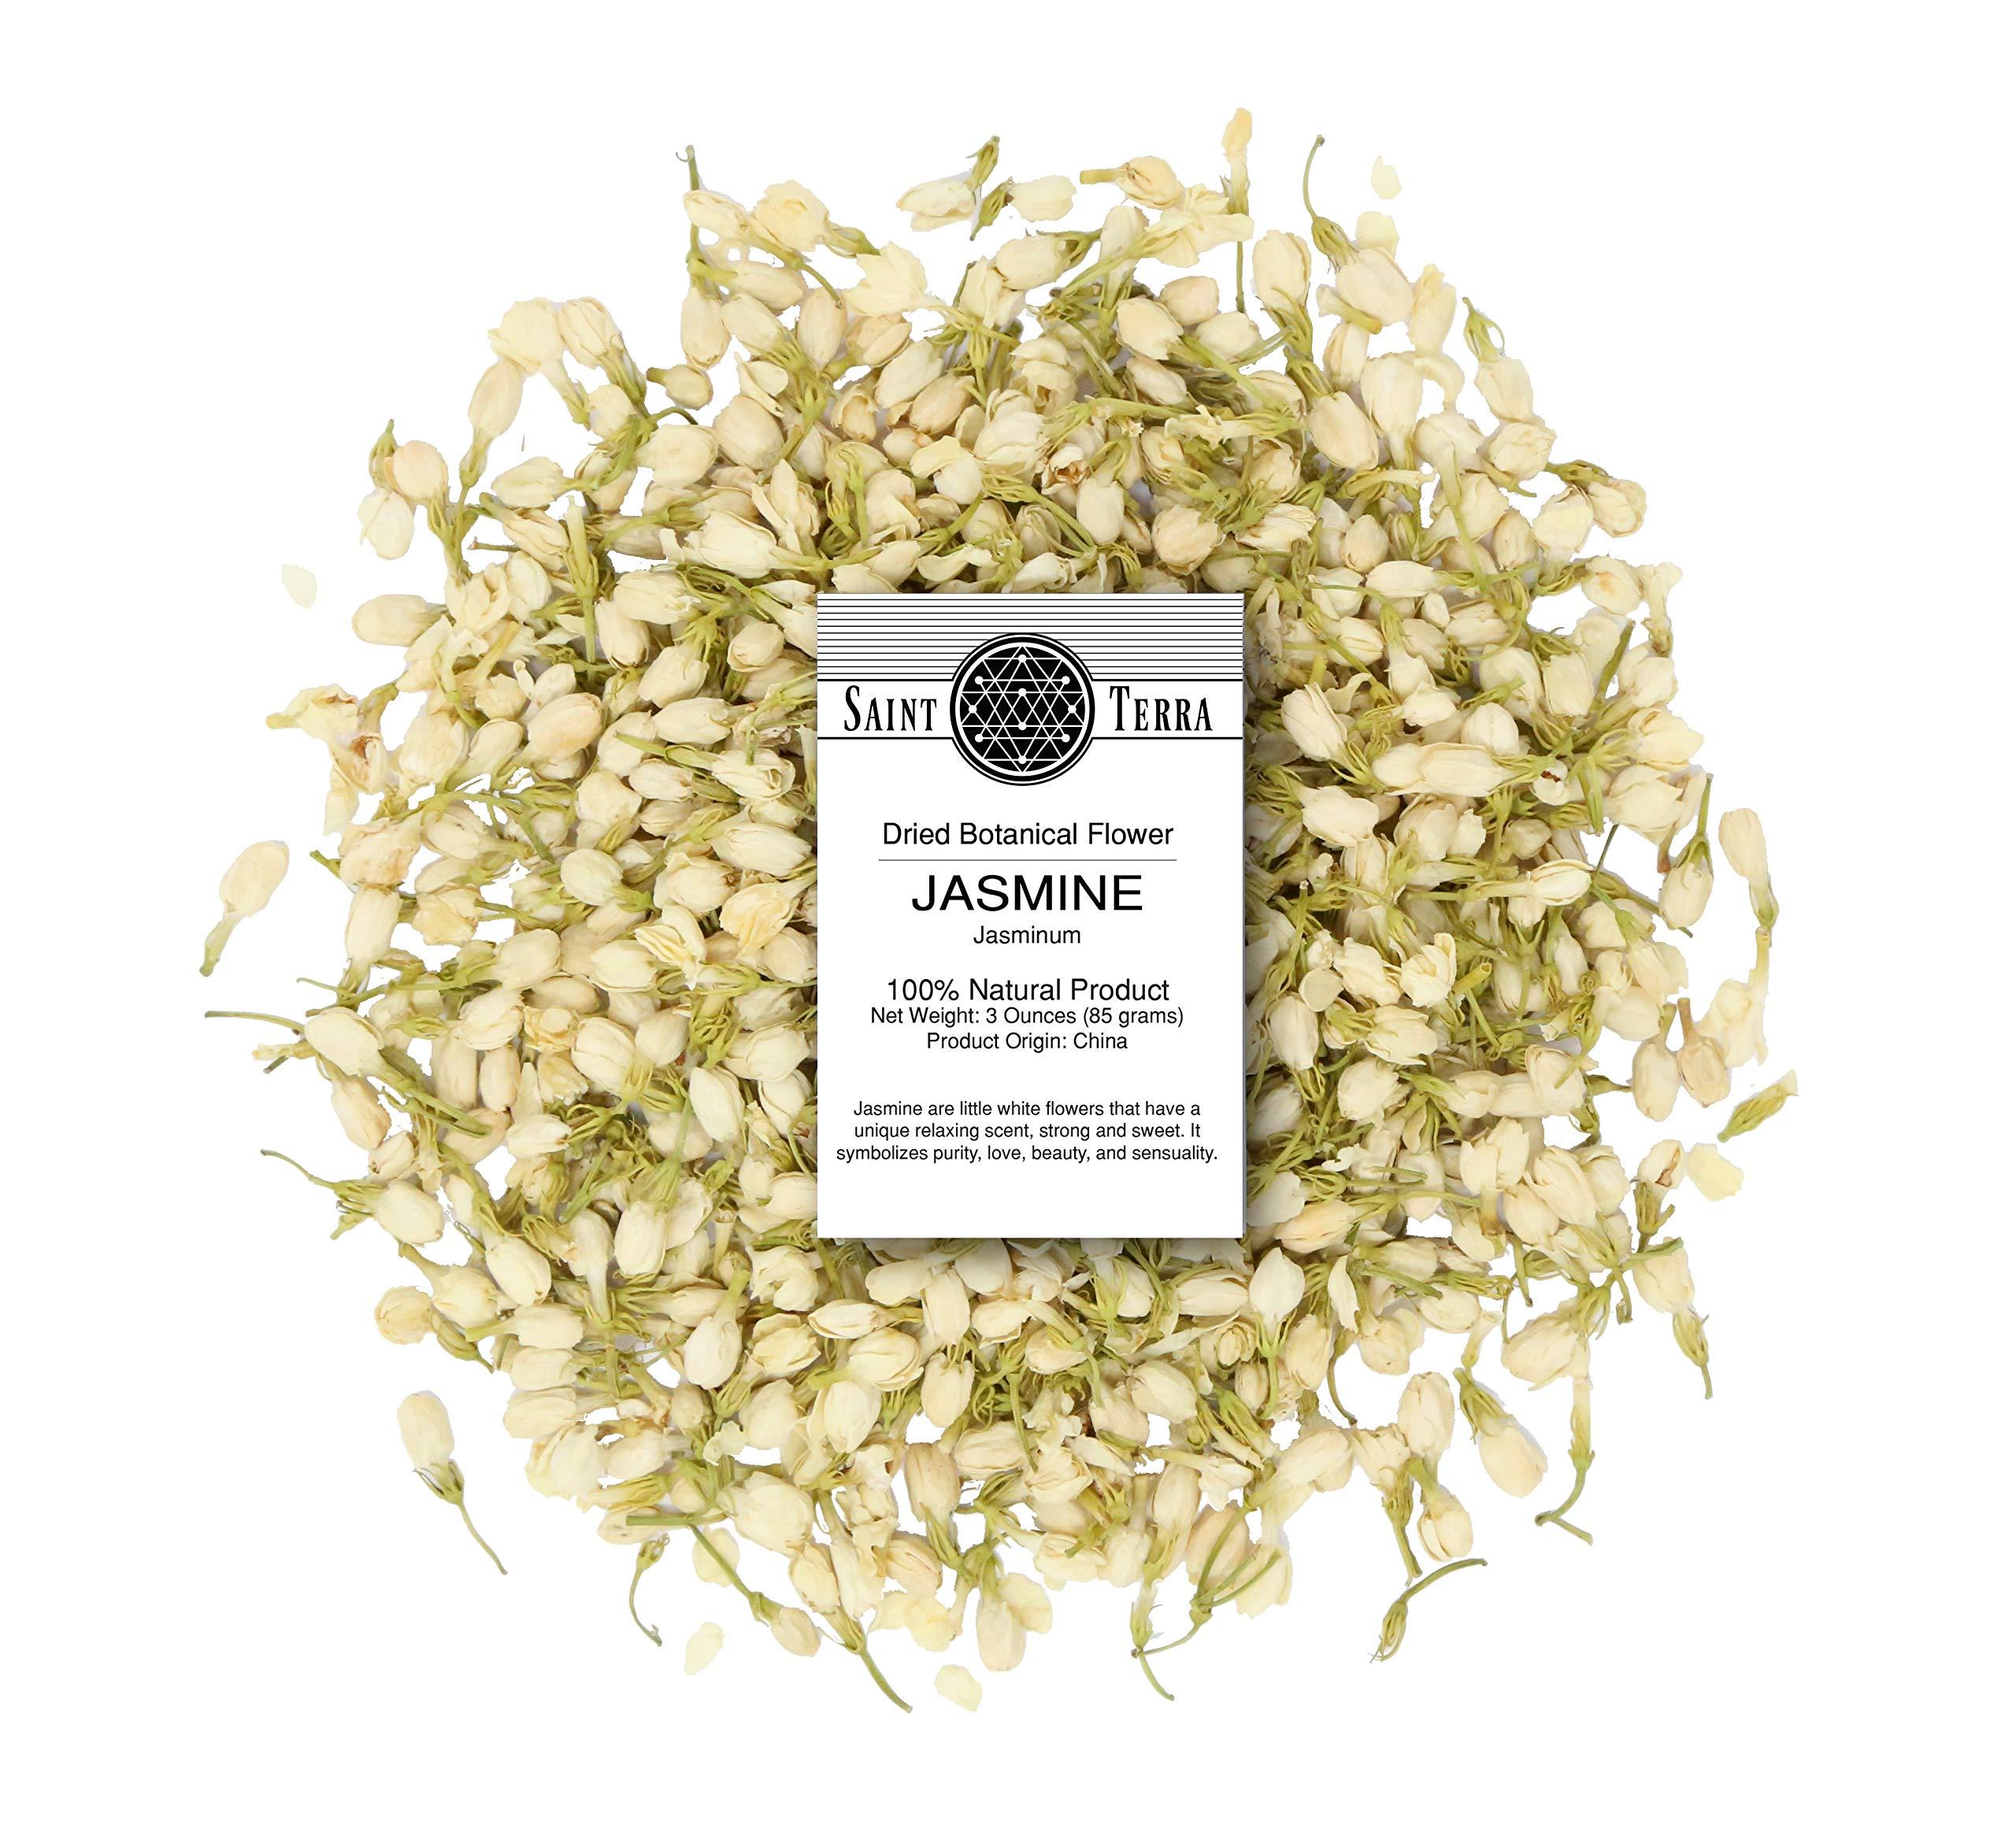 Saint Terra Dried Jasmine Flowers, 3 Ounces